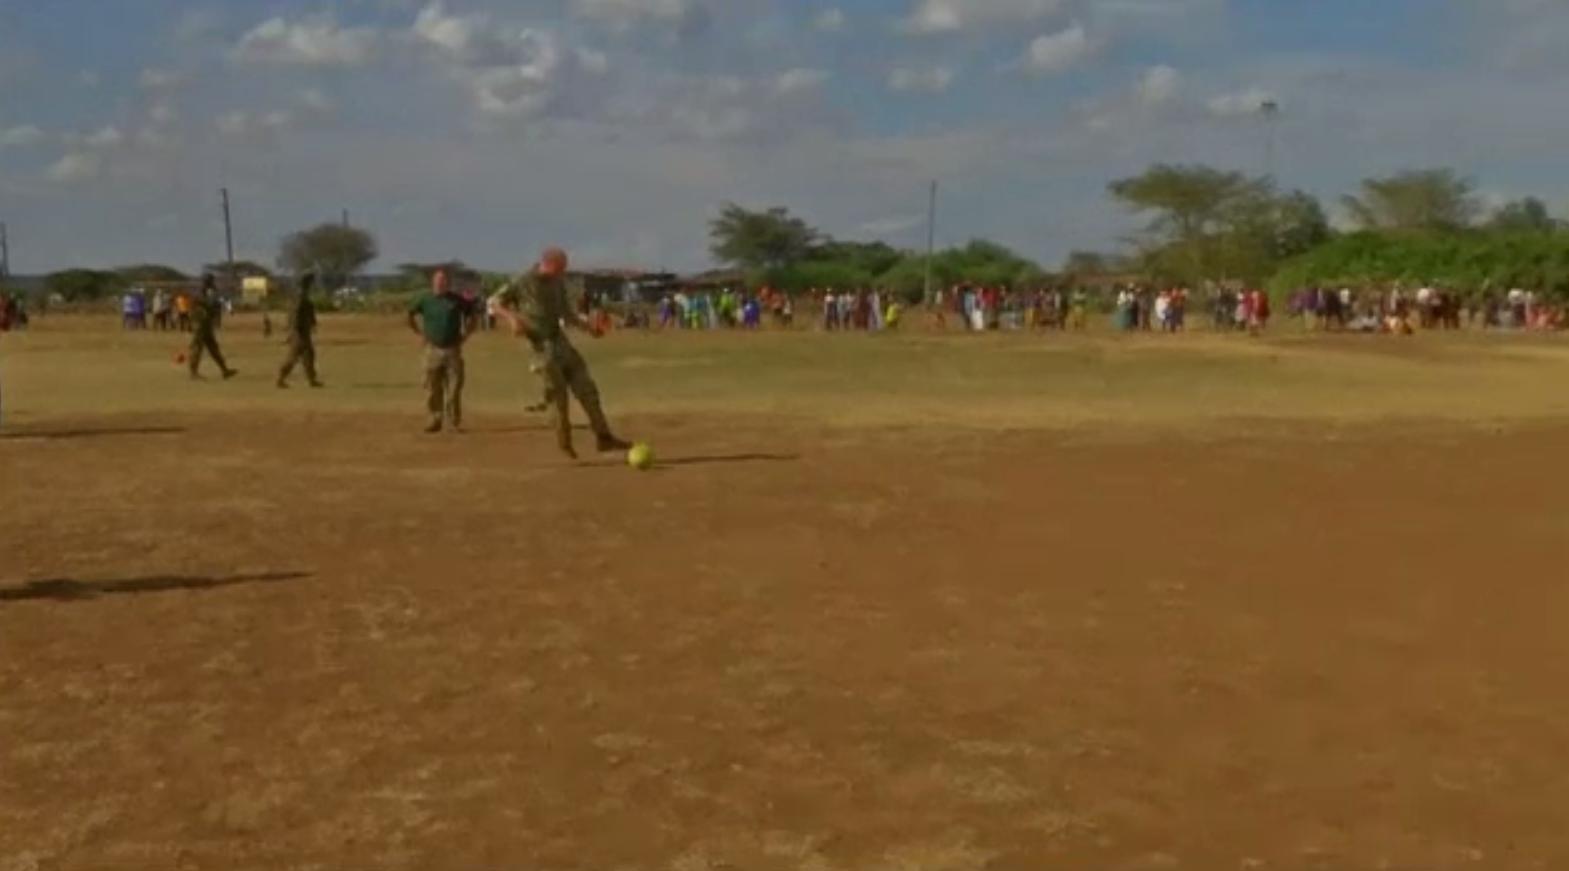 Prințul William a jucat fotbal în timpul vizitei efectuate în Kenya